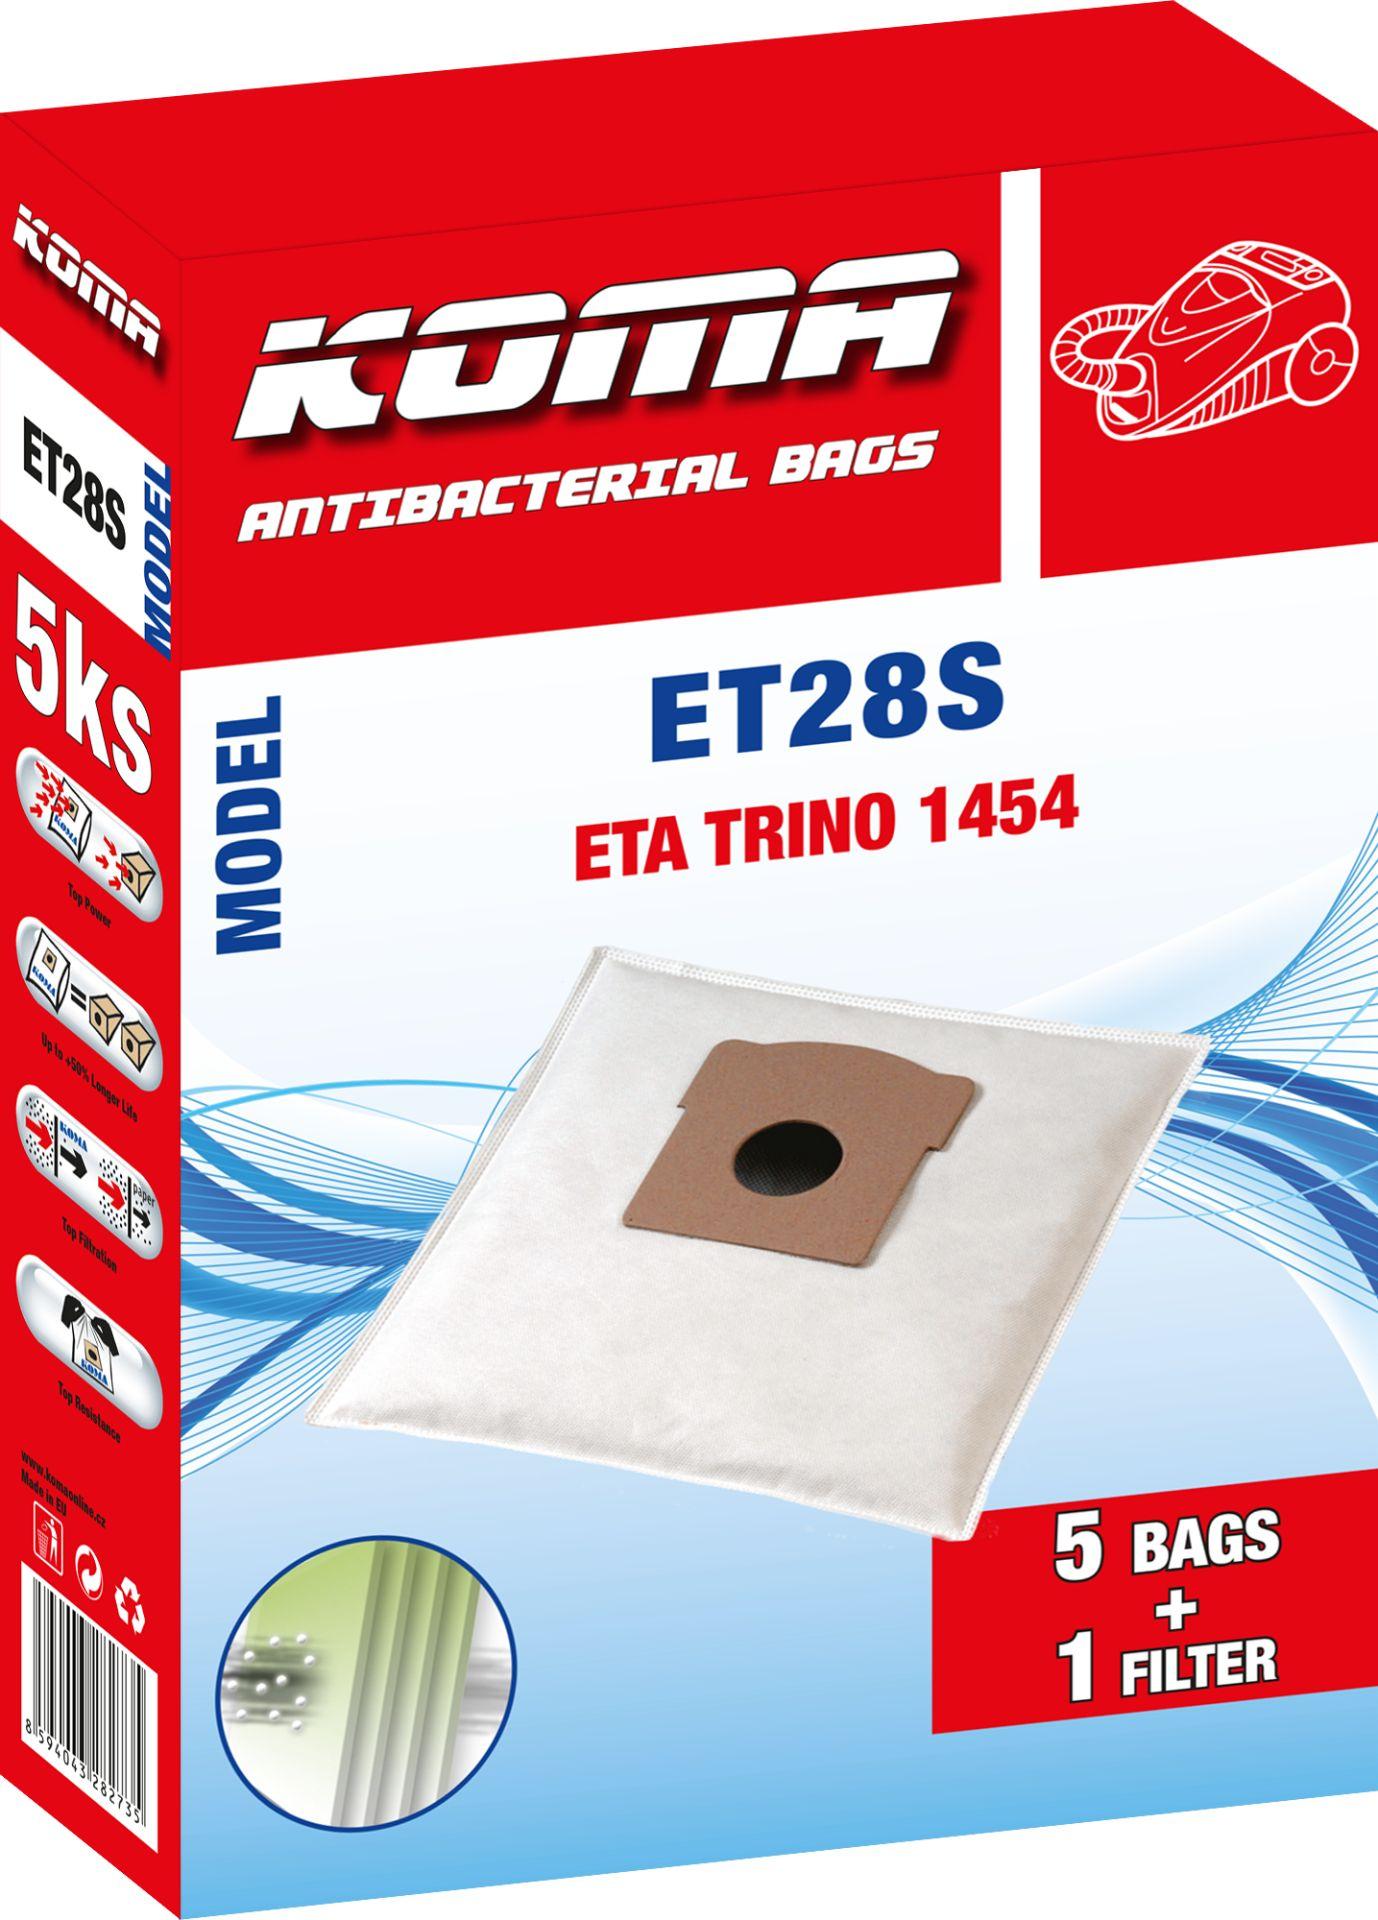 KOMA sáčky ETA Trino 1454 textilní 5 ks + 1 mikrofiltr Balení: Balení v PET sáčku